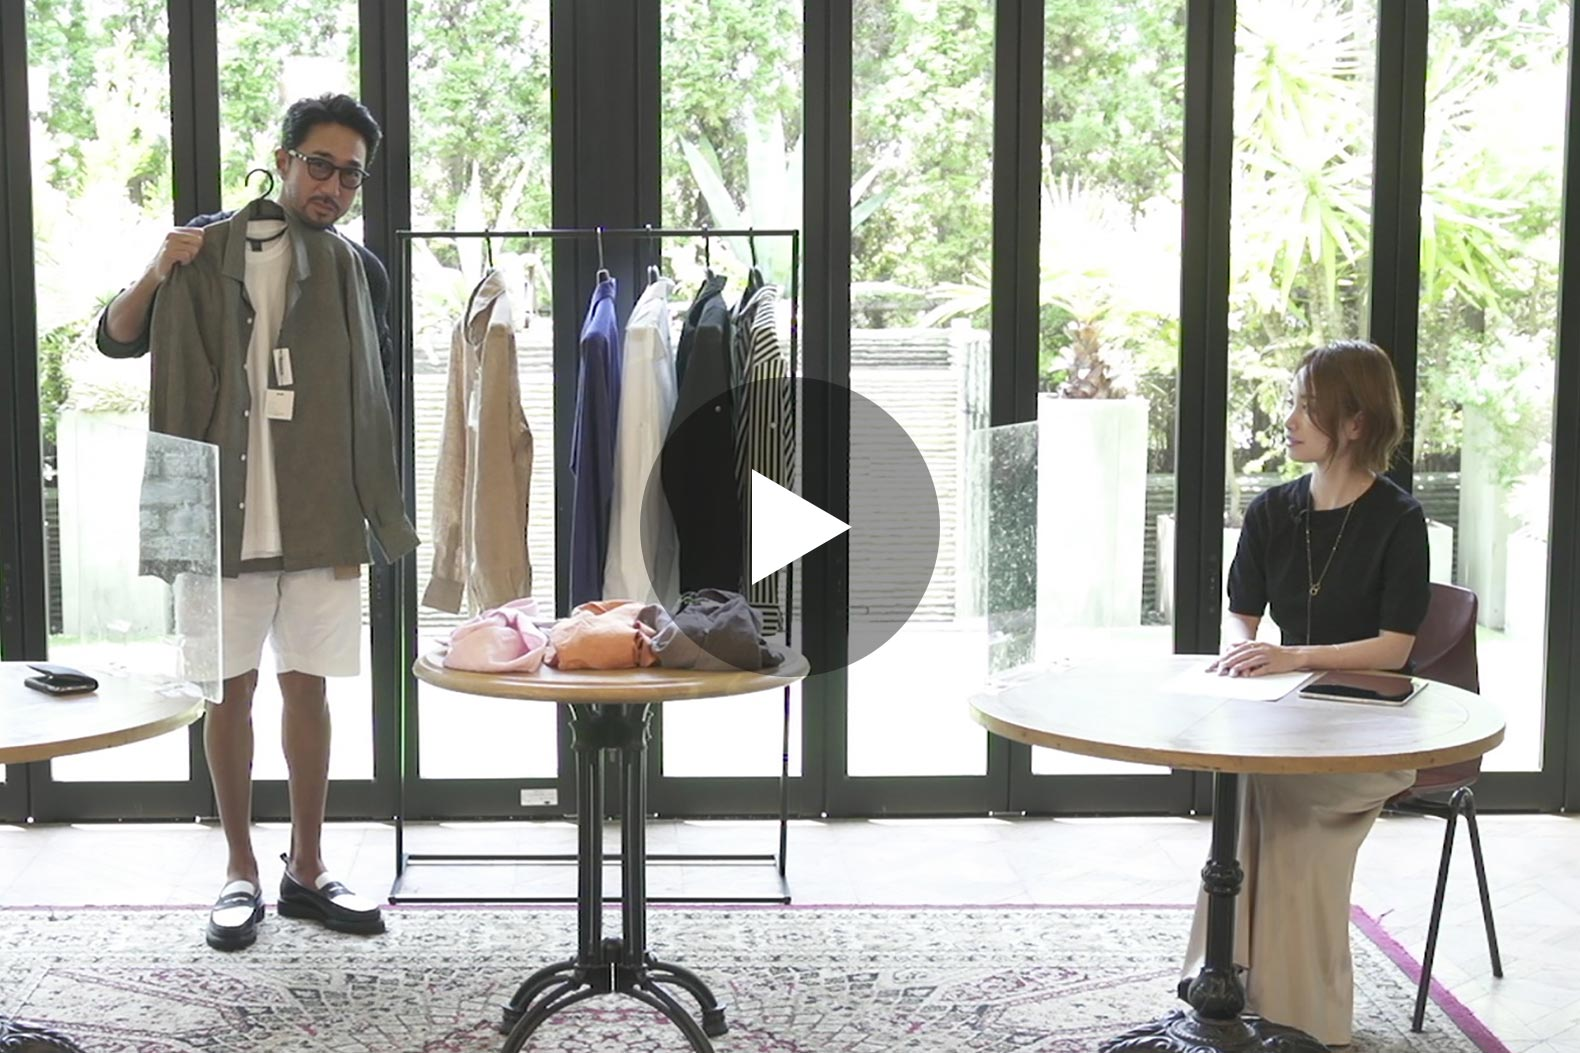 シャツ+◯◯で好印象コーデ! 女子に人気 「キレイ目男子スタイル」